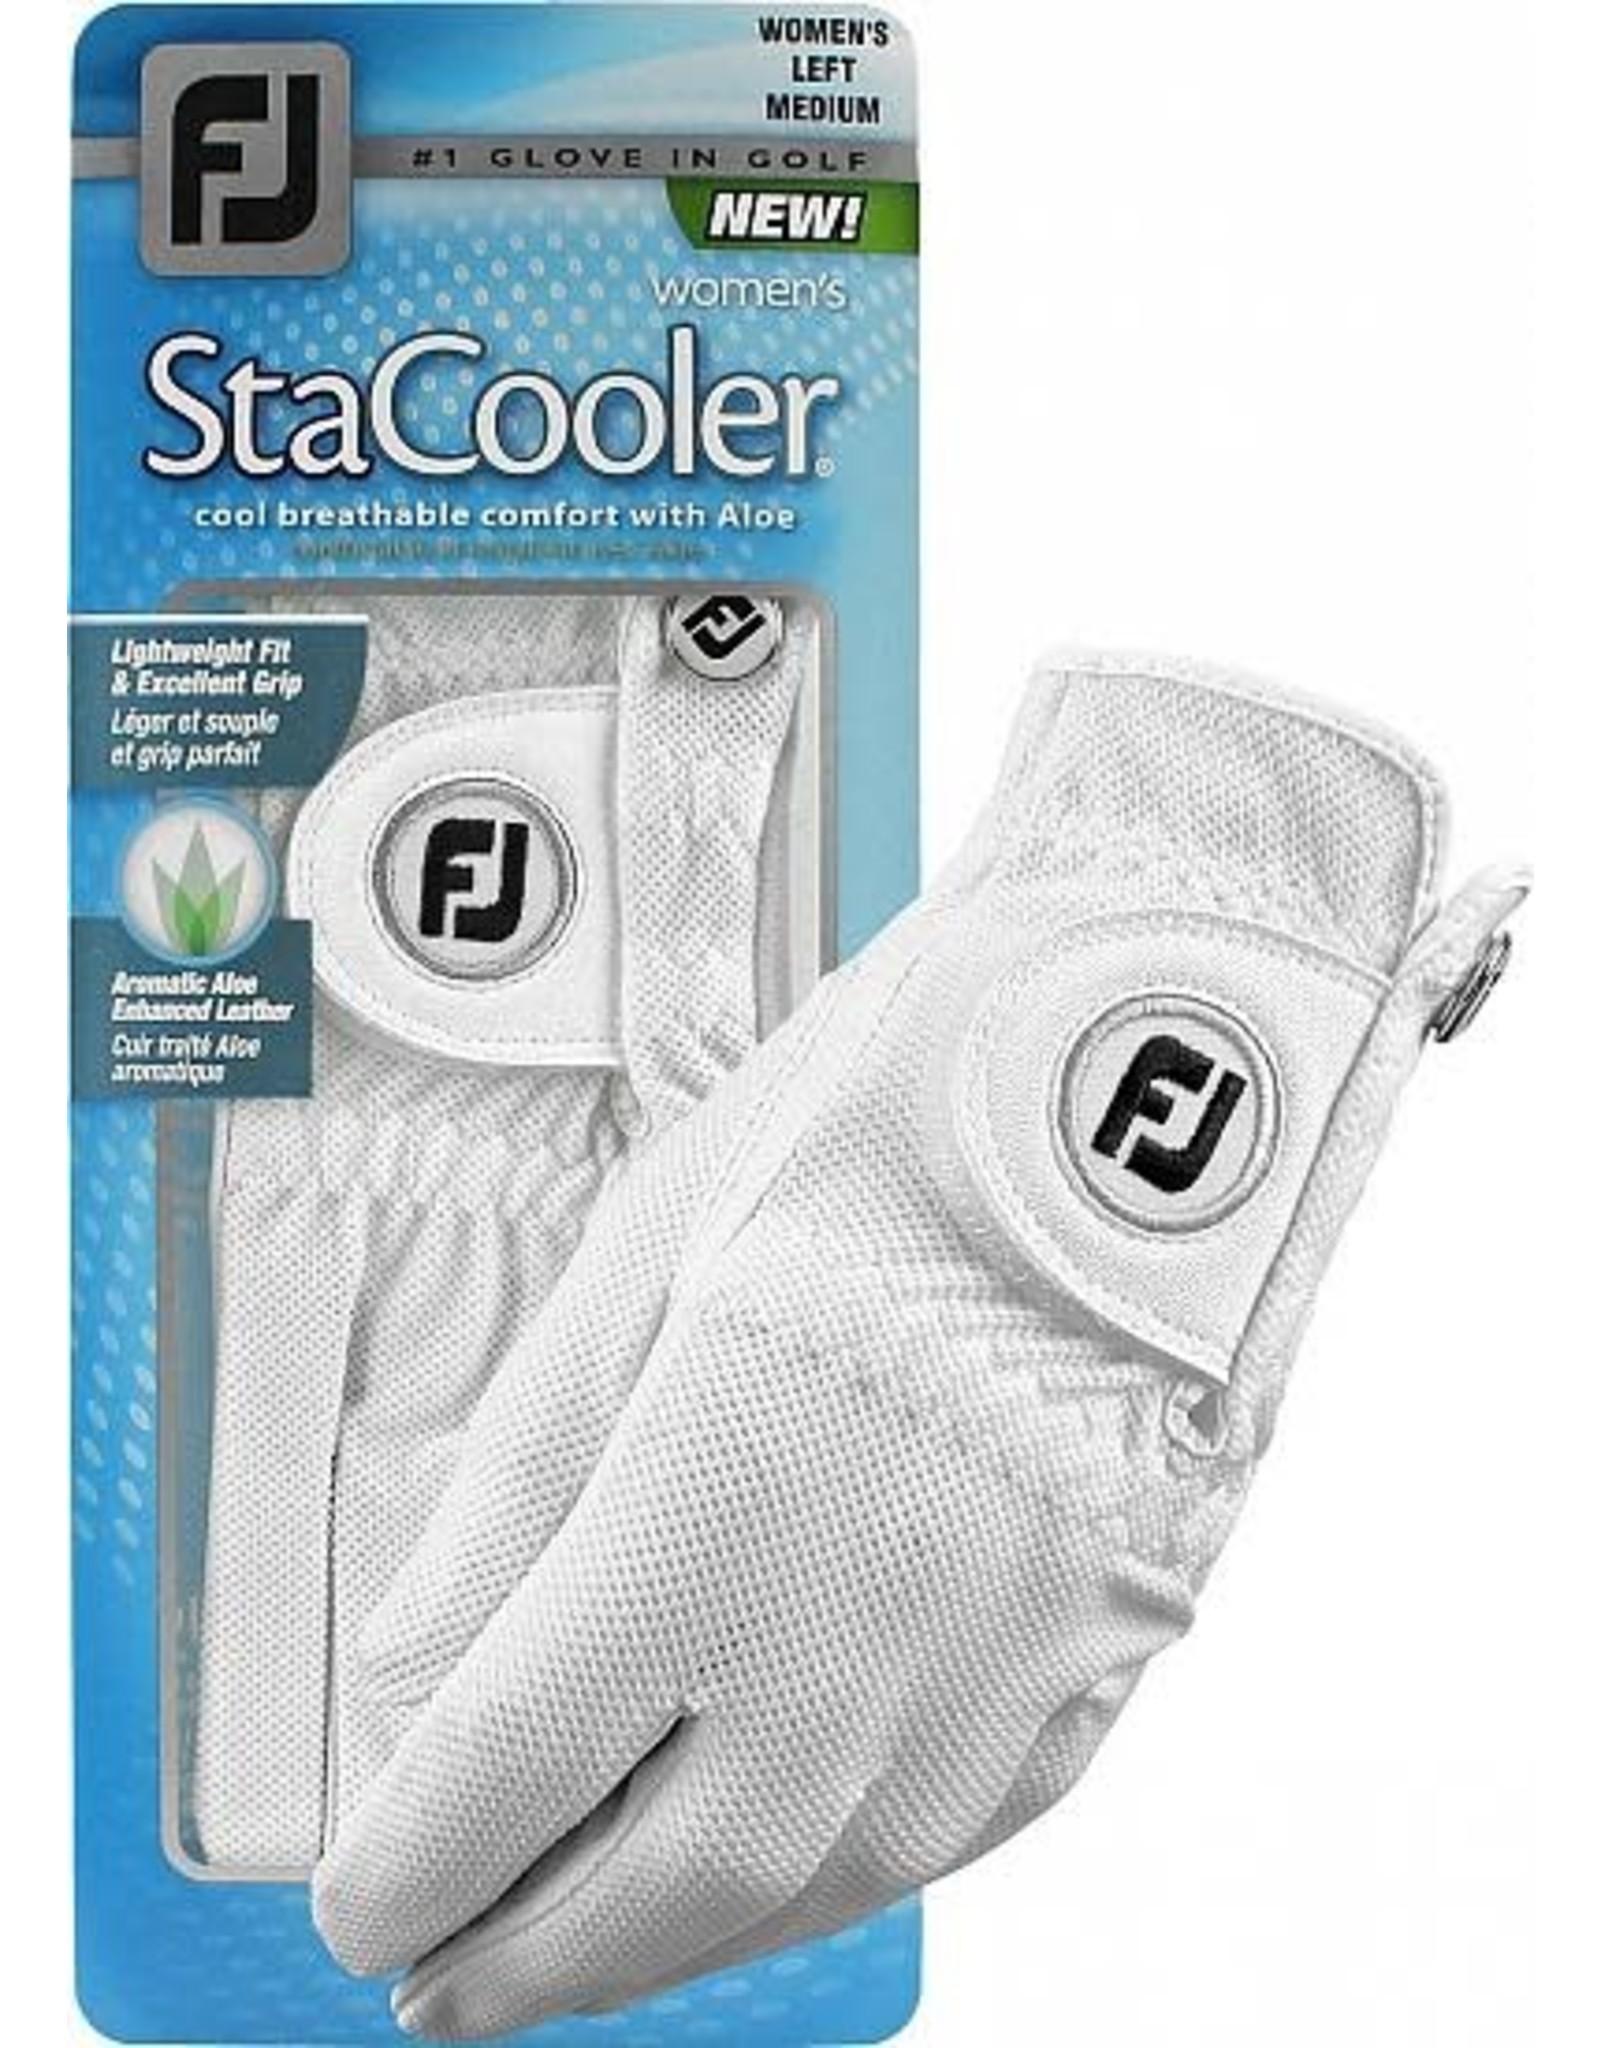 FJ FJ stacooler Womens Gloves